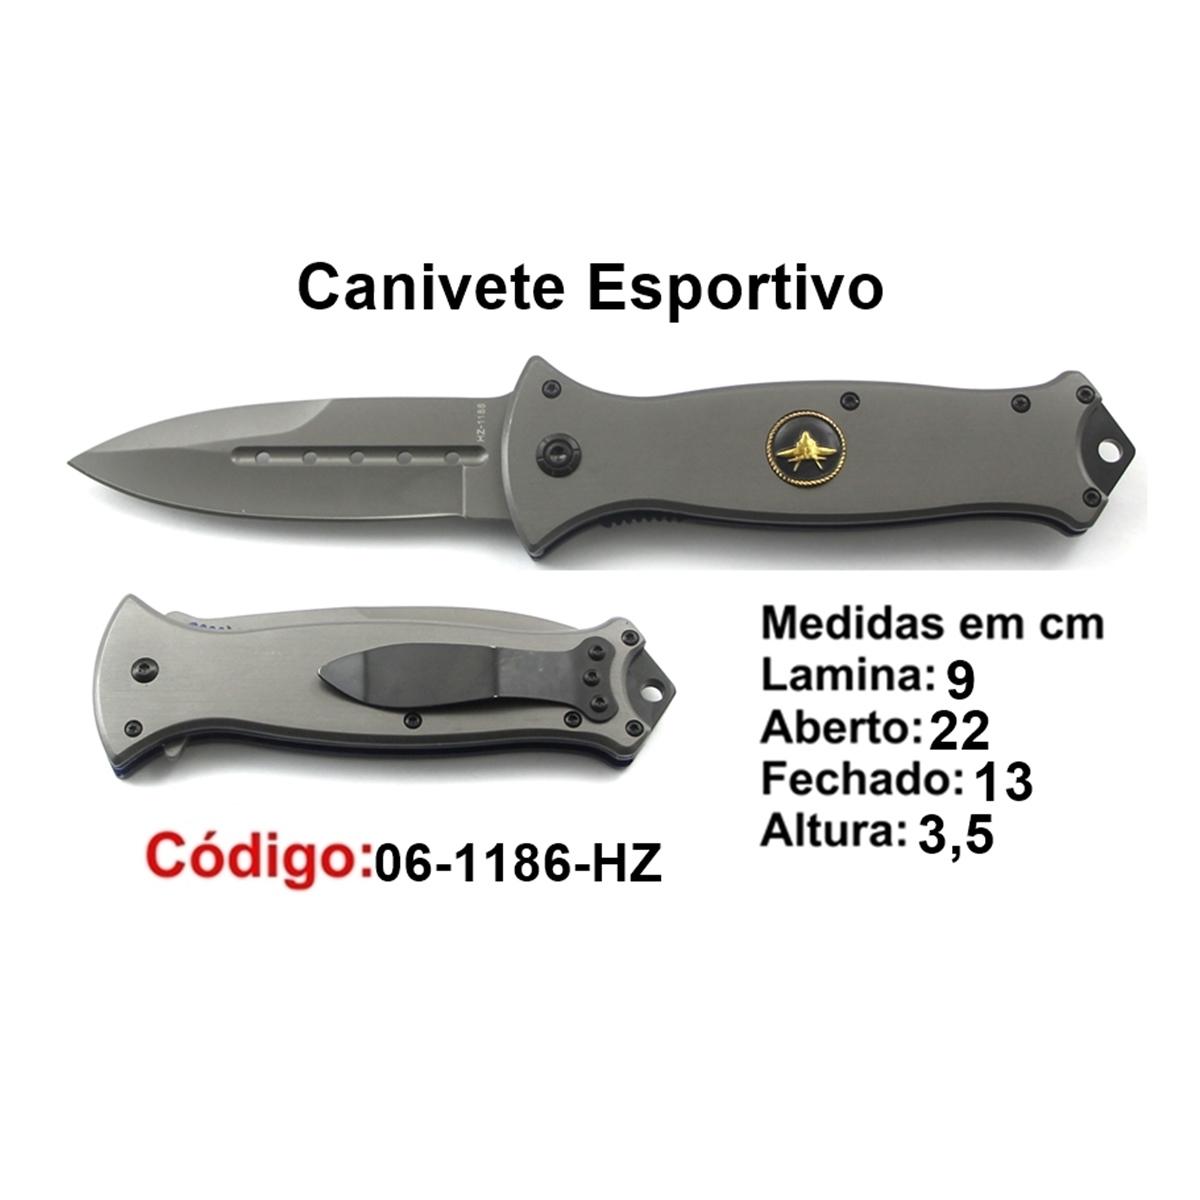 Canivete Esportivo Caça Pesca Etc. 06-1186HZ